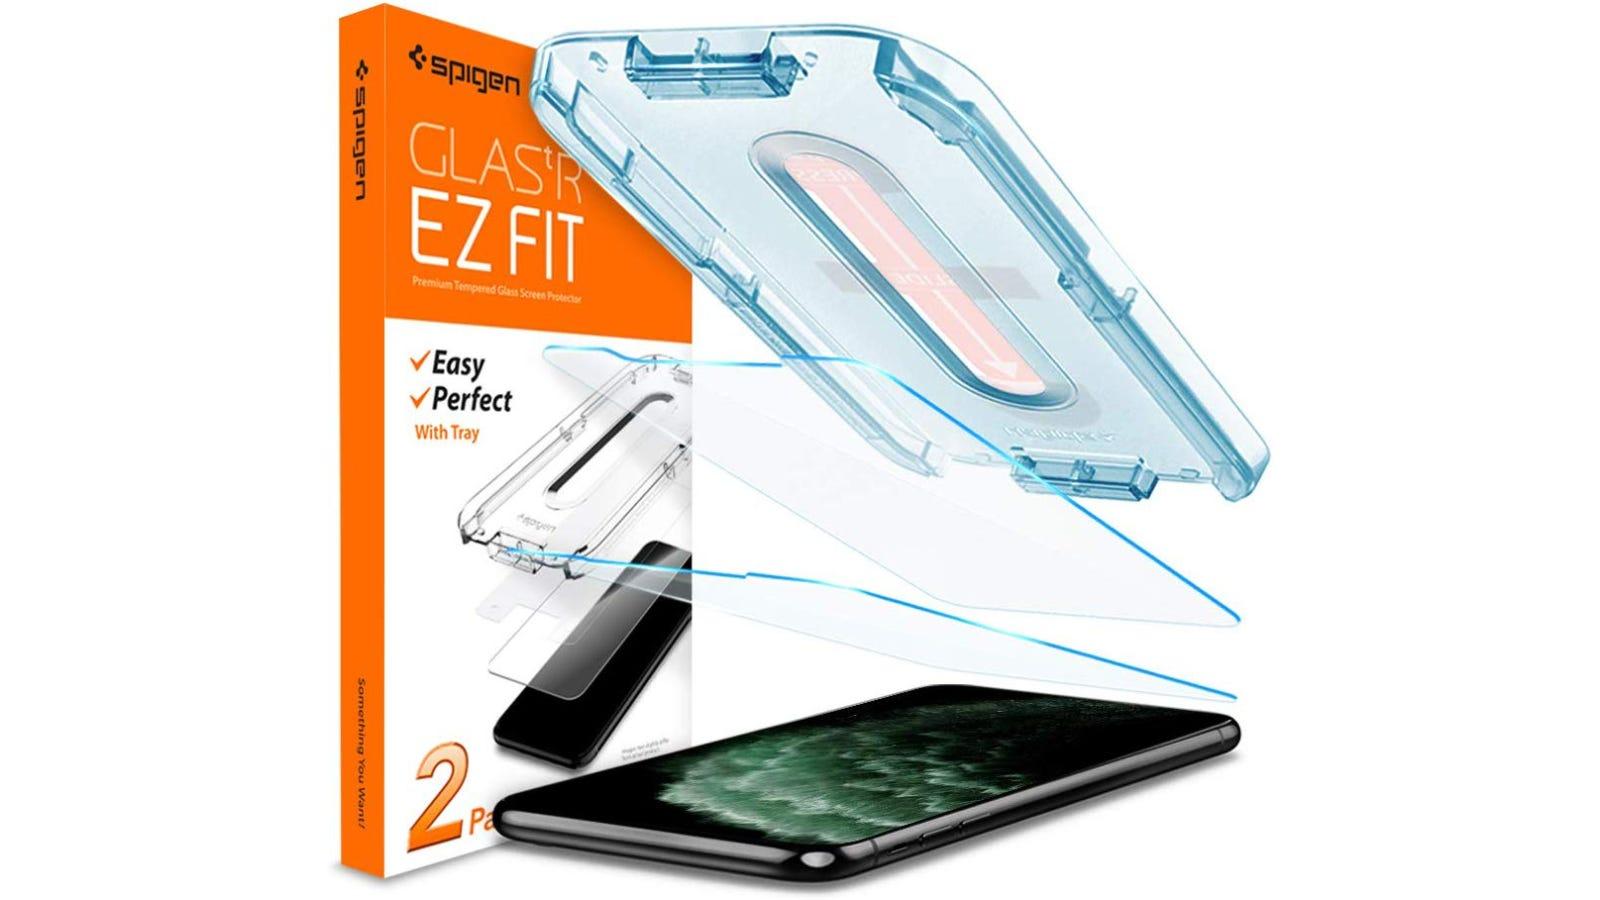 Spigen iPhone 11, 11 Pro, 11 Pro Max Screen Protectors